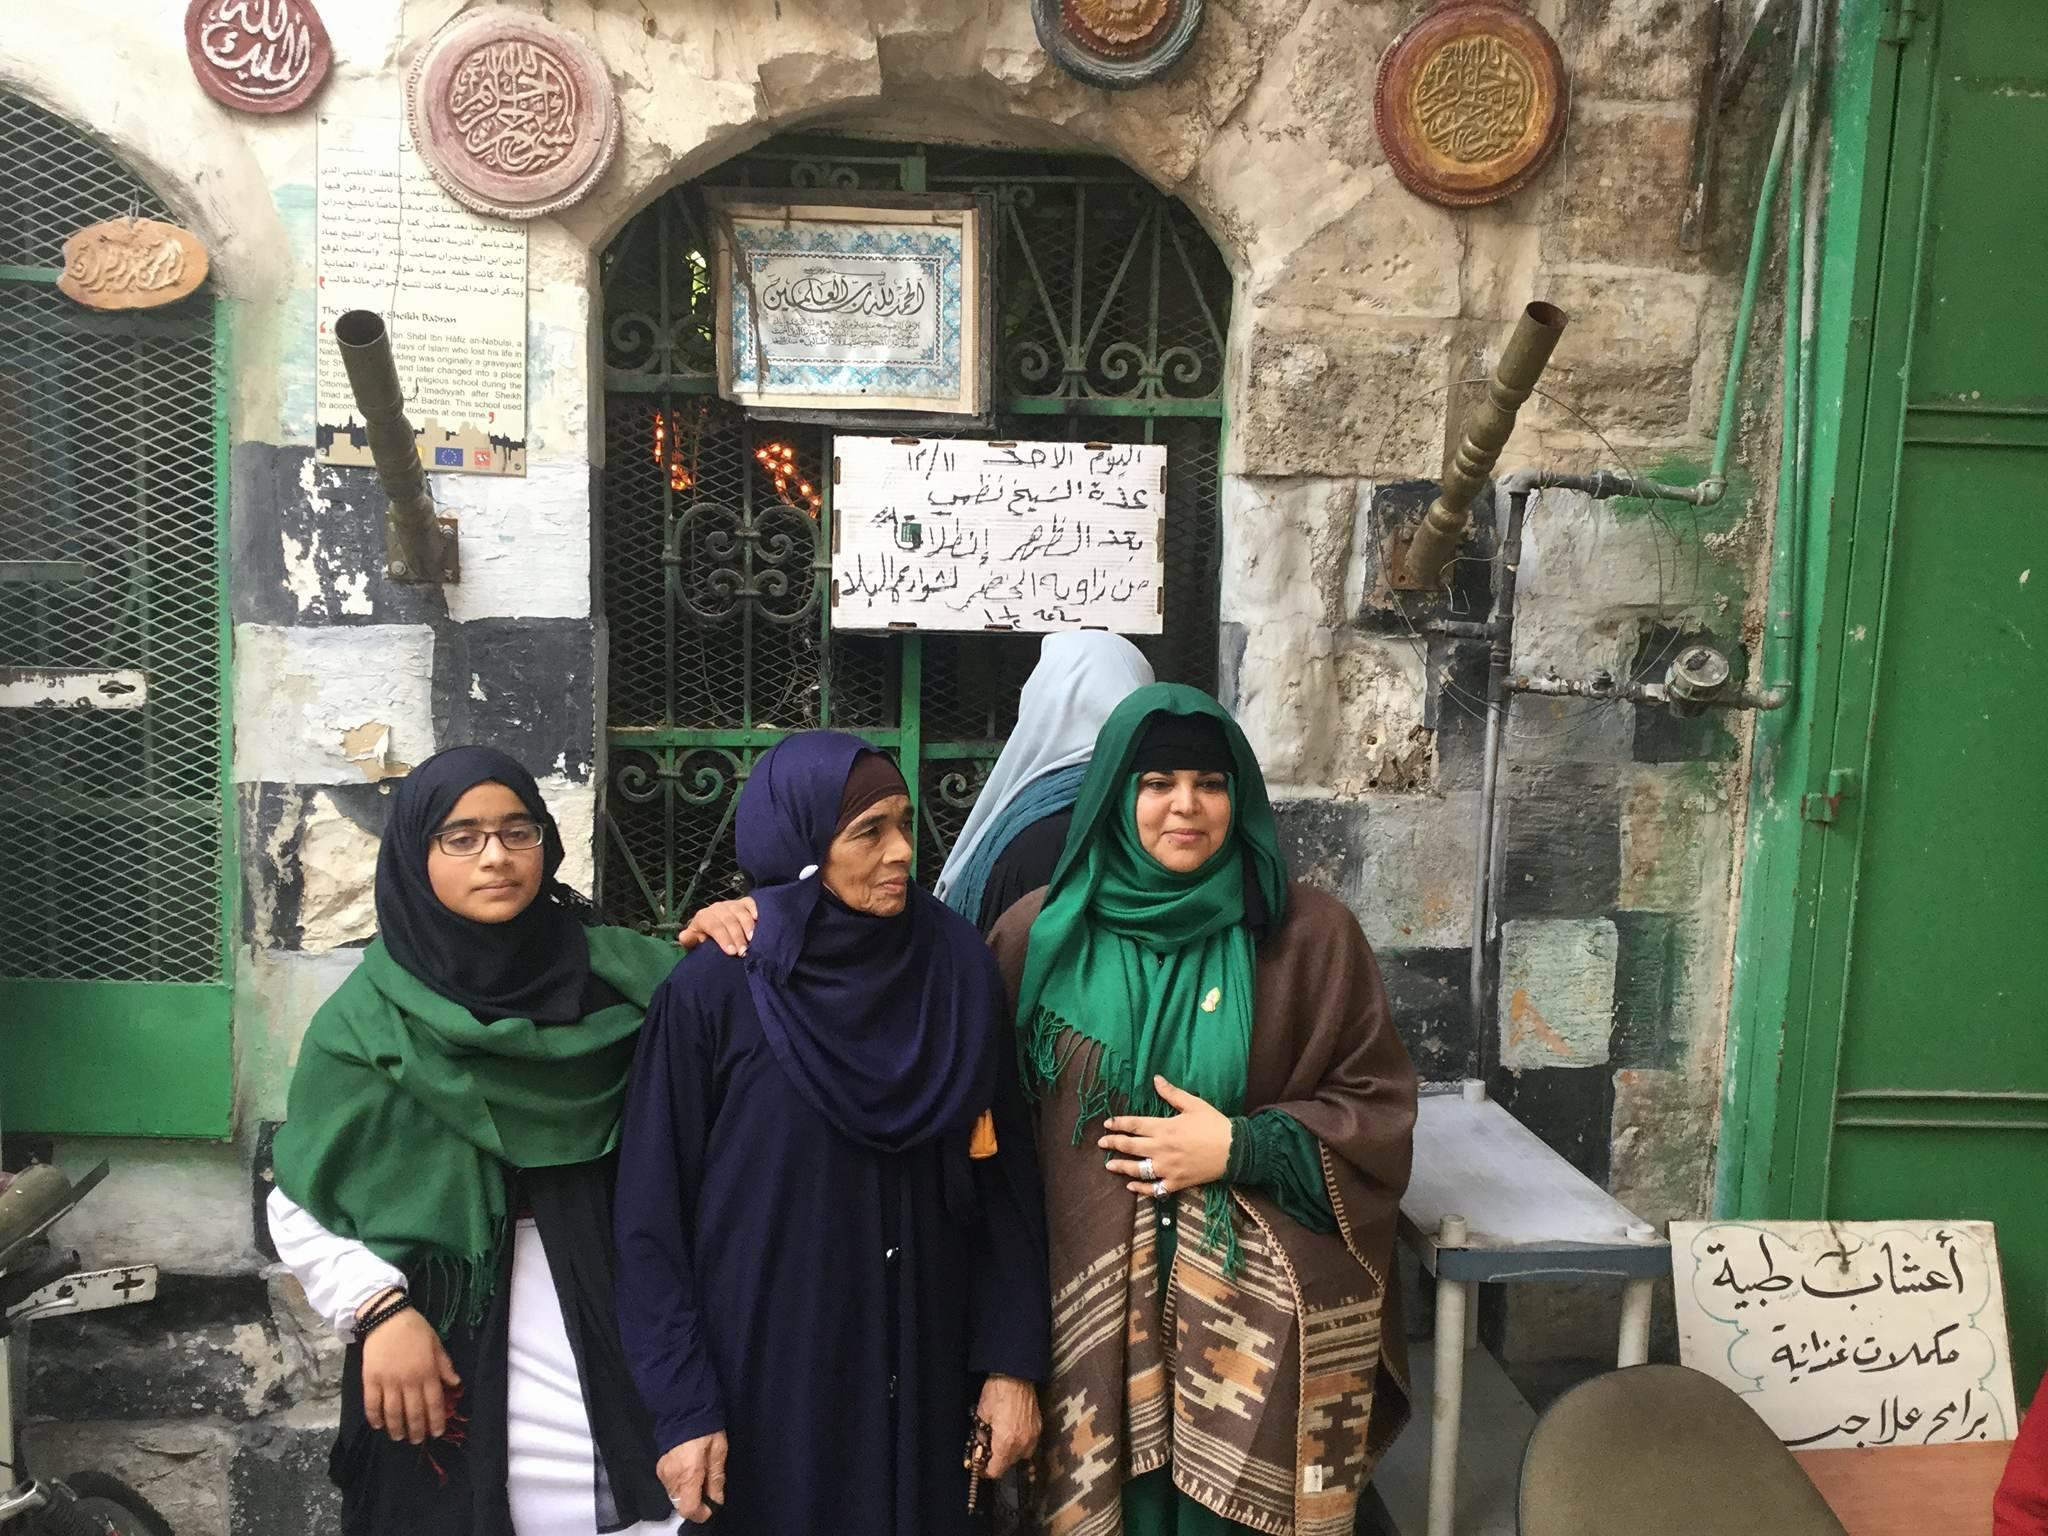 نساء متصوّفات من مدينة نابلس | عدسة: لارا كنعان